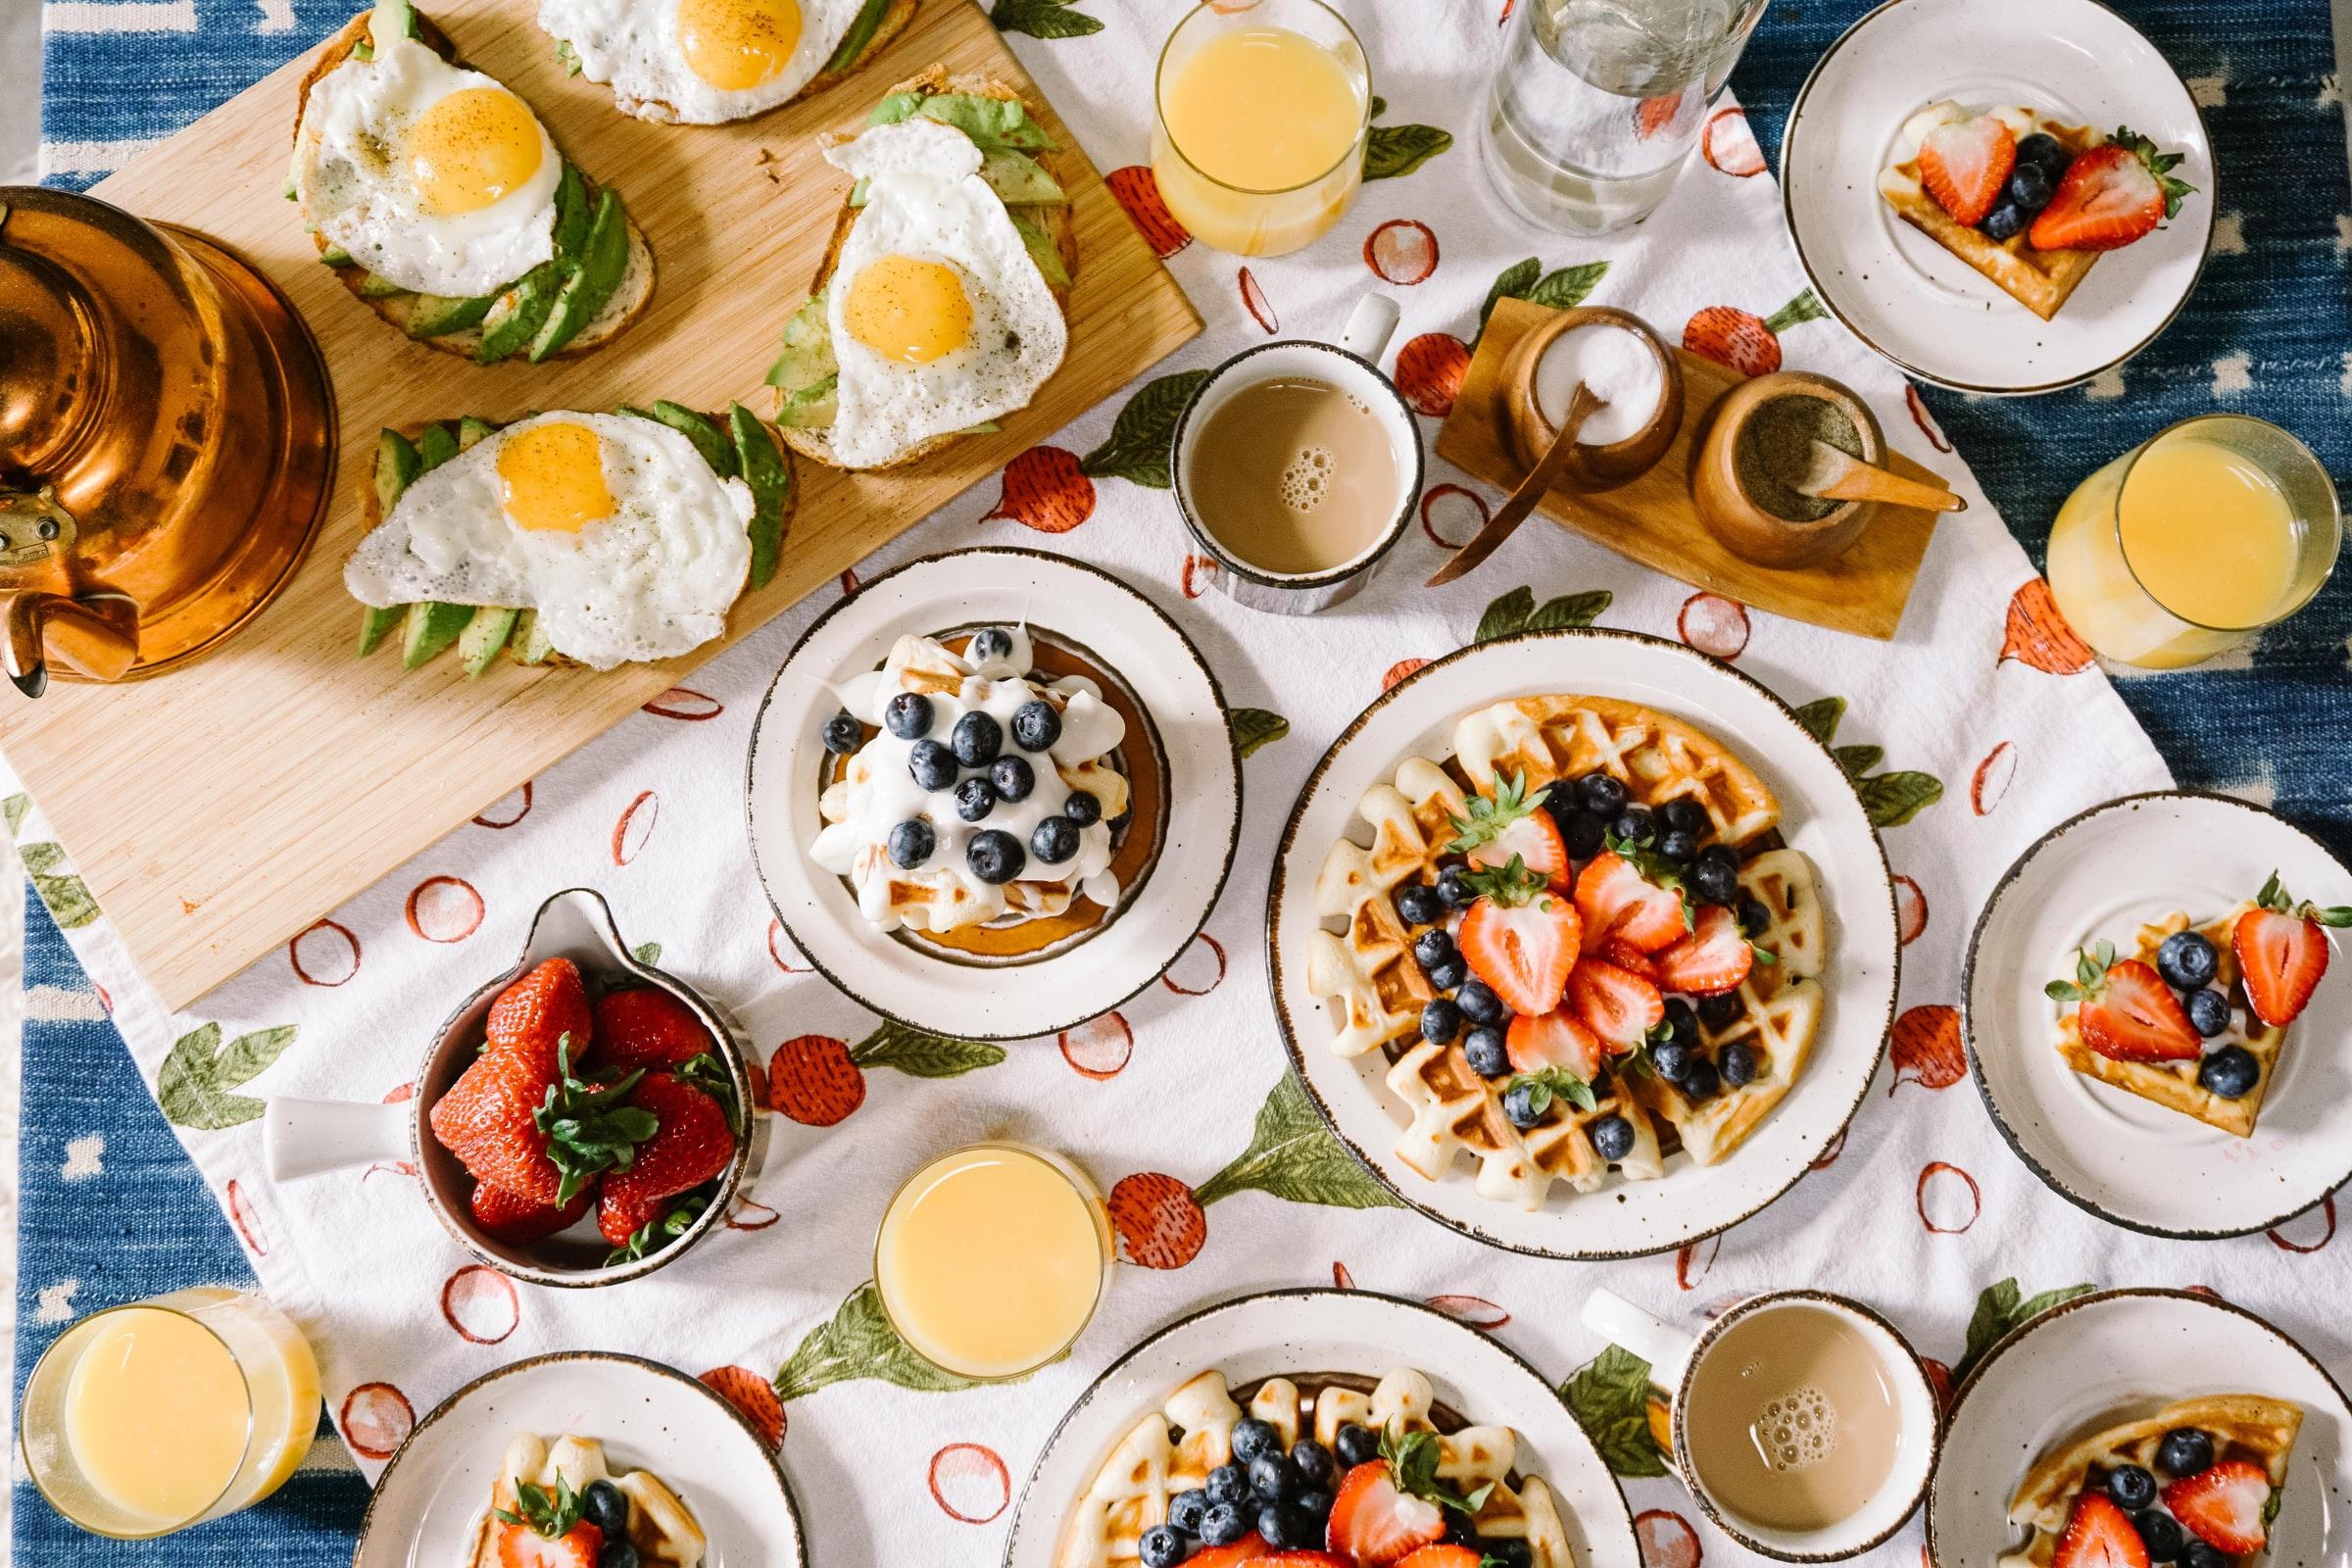 desayuno saludable snacks